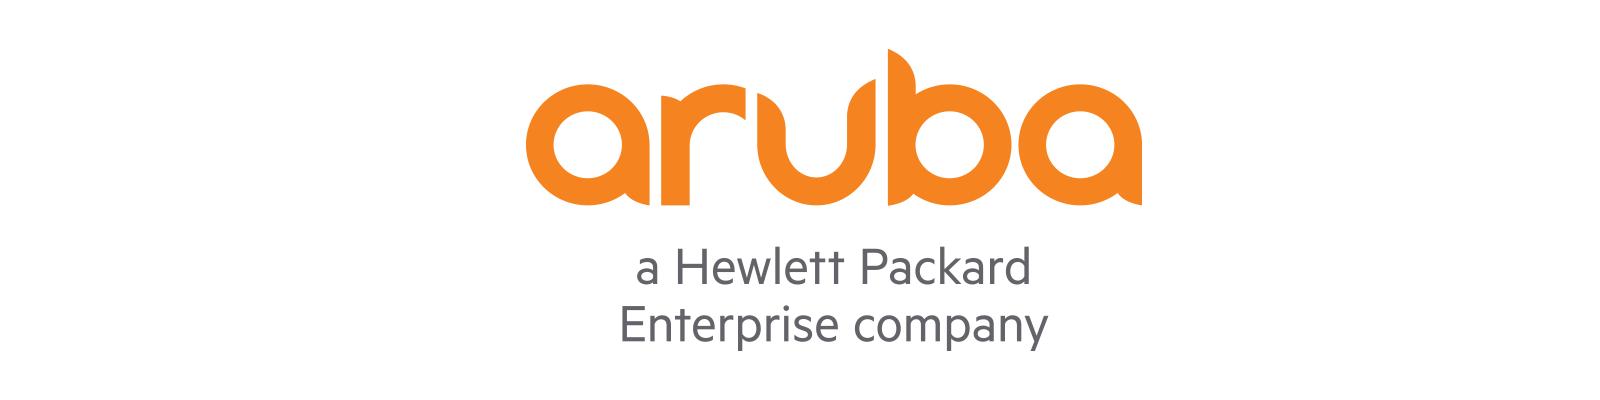 https://scharfstein.cl/wp-content/uploads/2020/07/Logo-HPE-Aruba.png